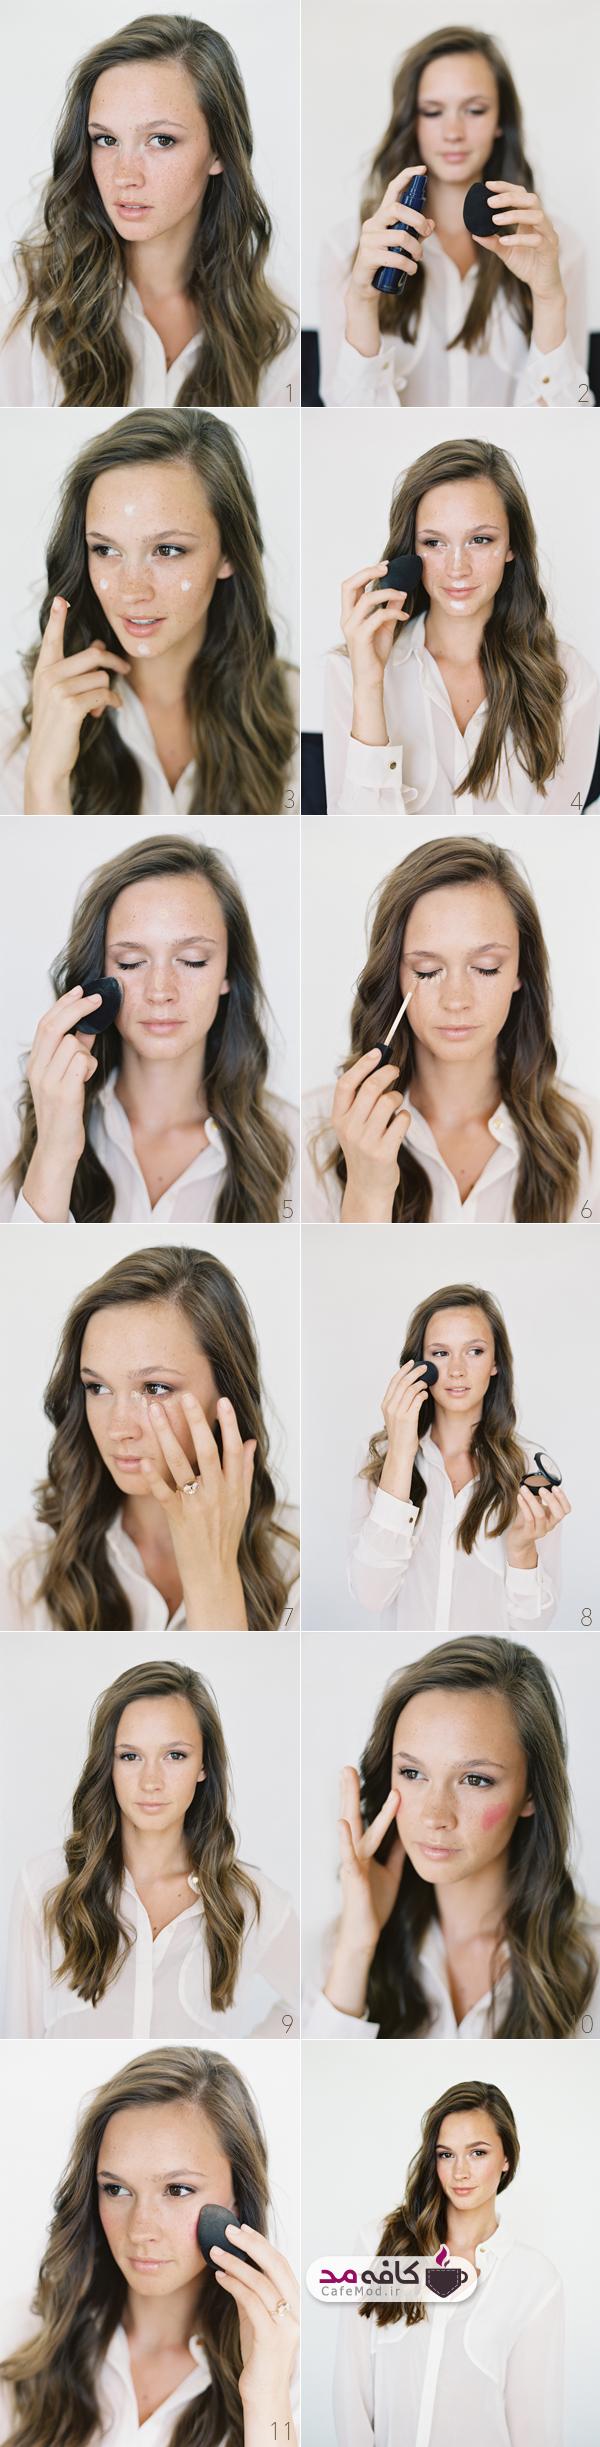 آموزش تصویری آرایش صورت ملایم